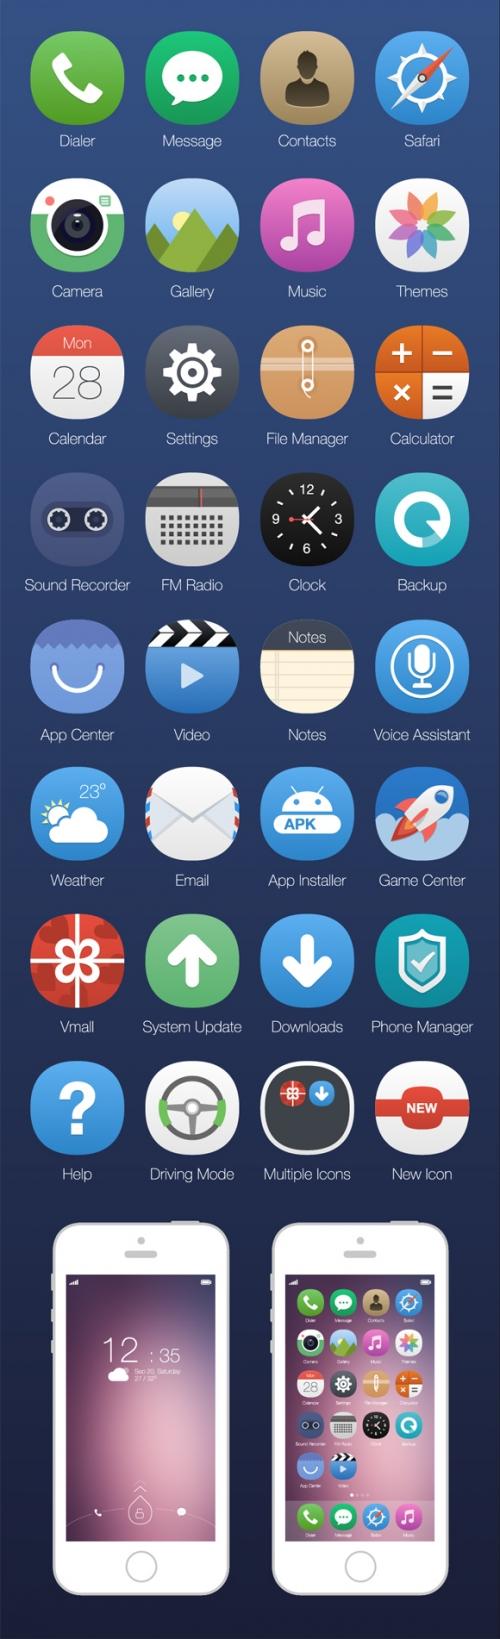 15 броских проект-концепций iOS 8, на которые стоит взглянуть